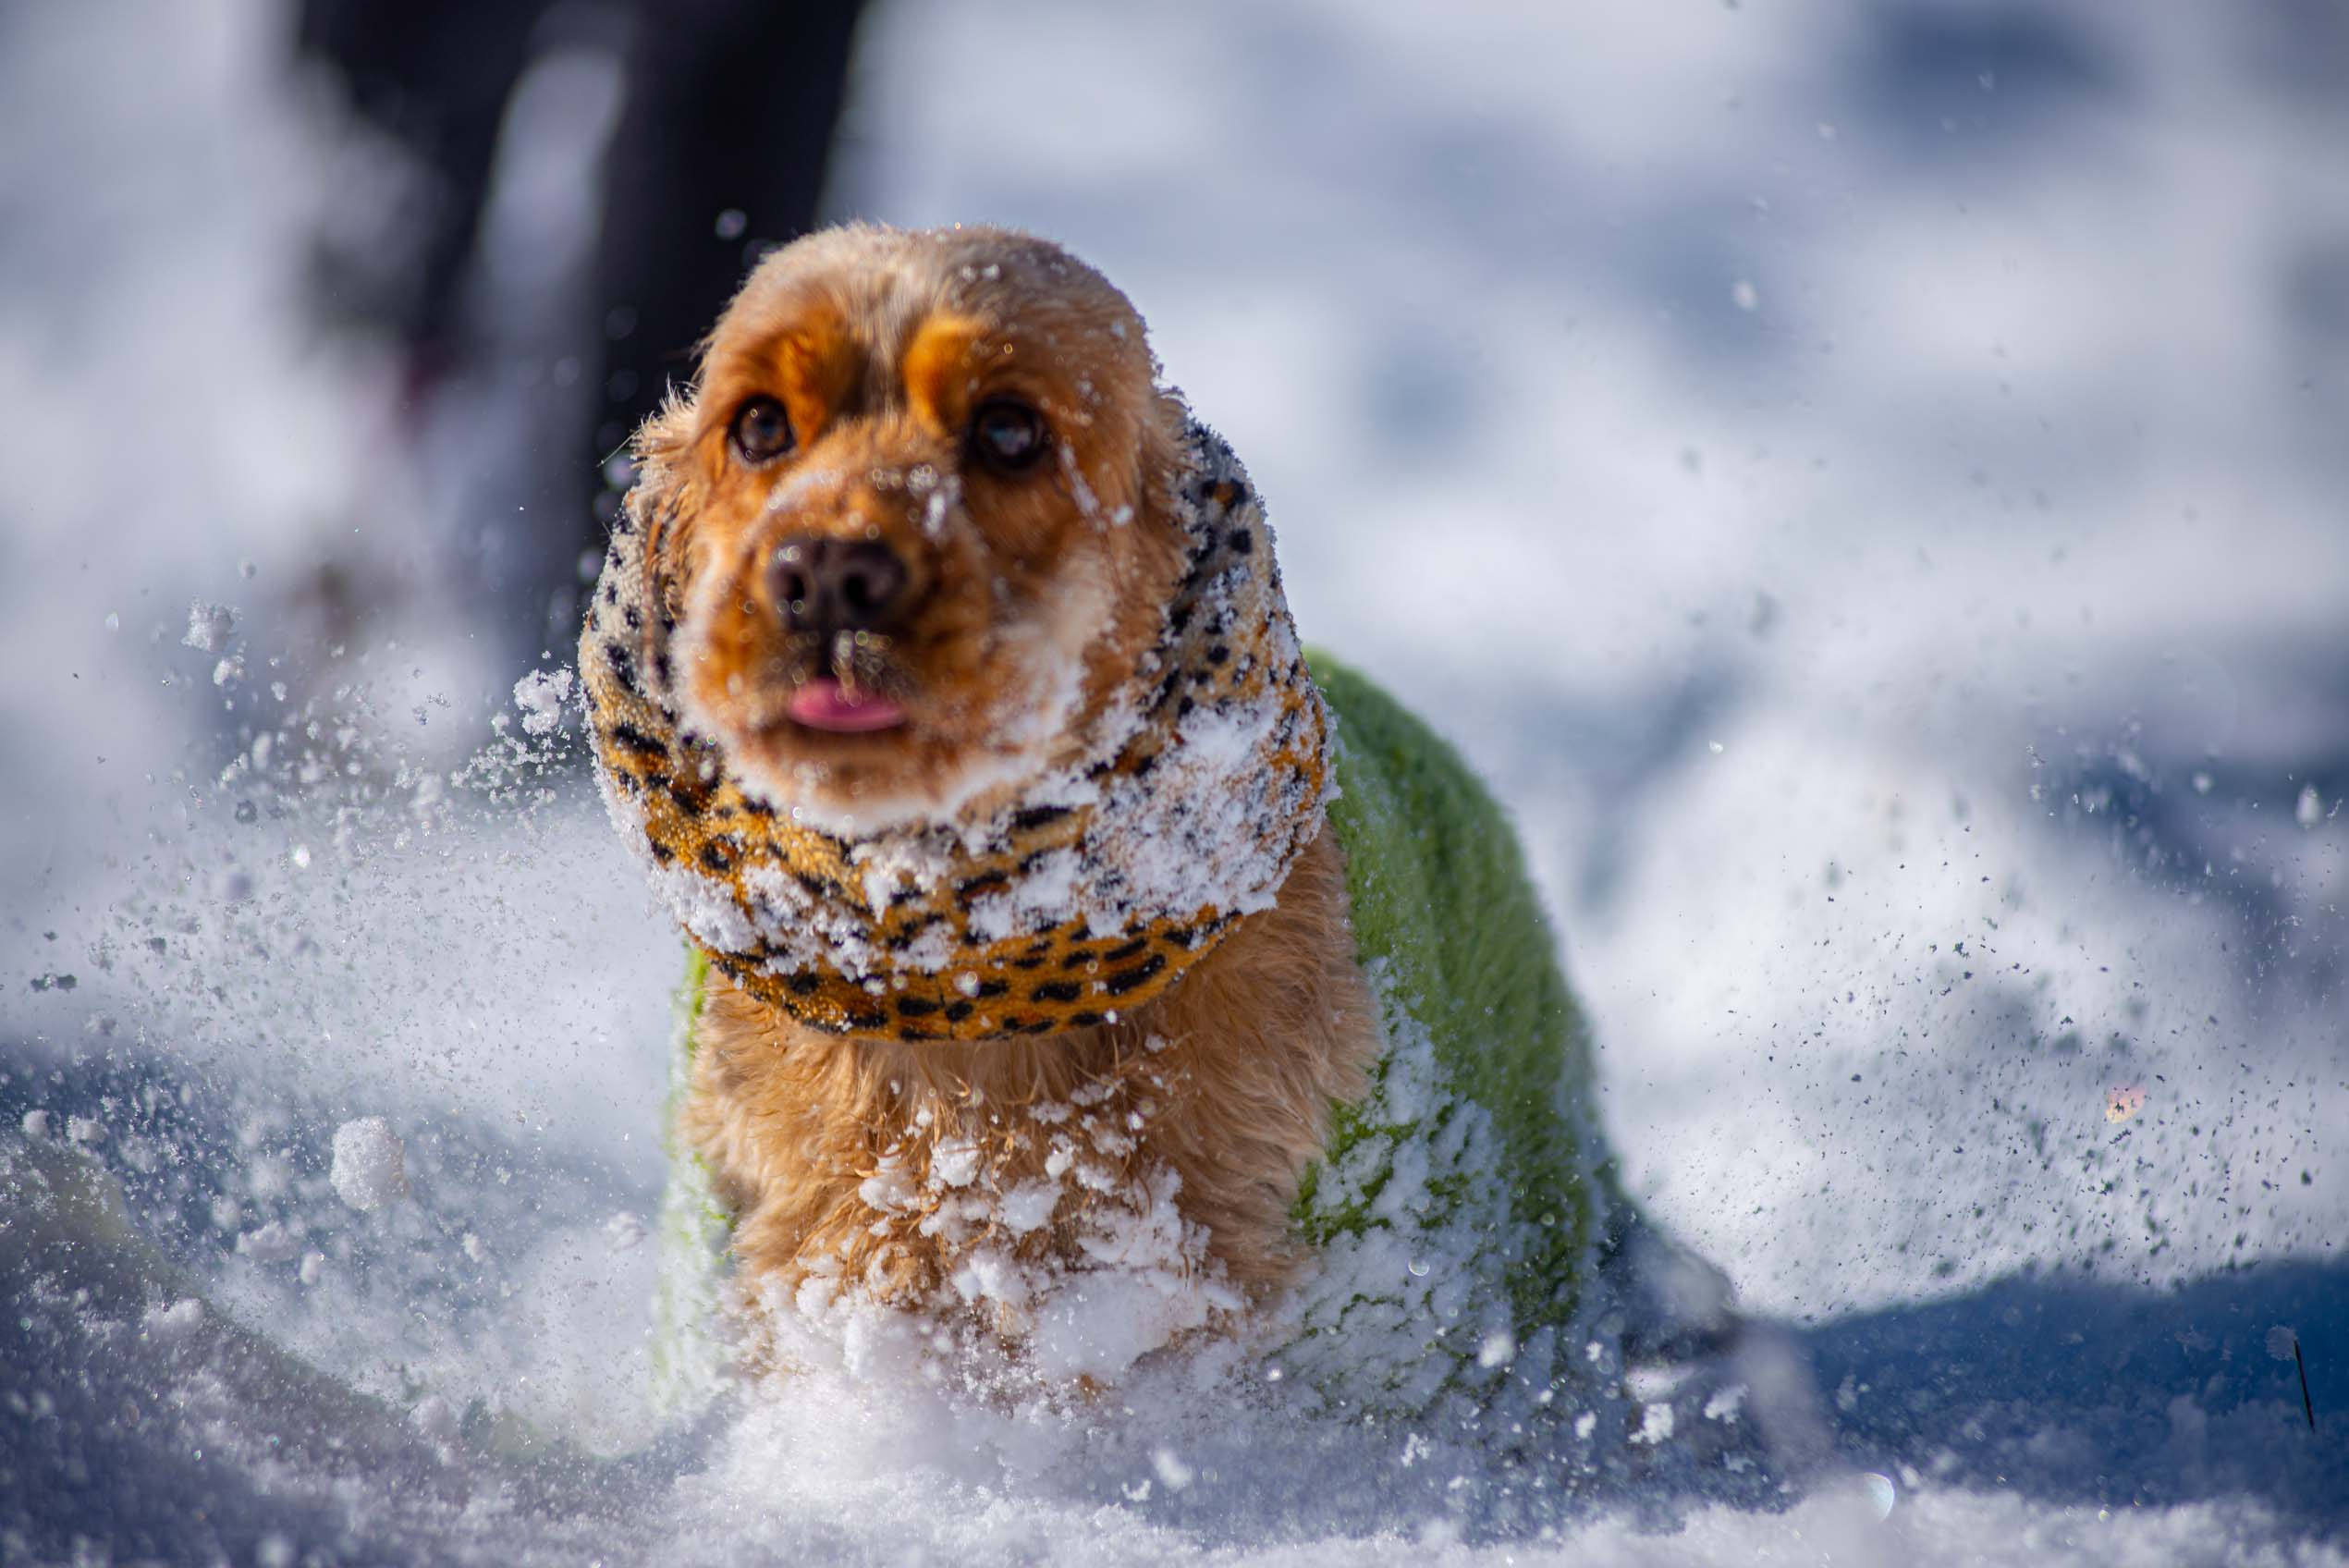 Caussols sous la neige, premières neiges dans les alpes maritimes décembre 2020 blog voyage